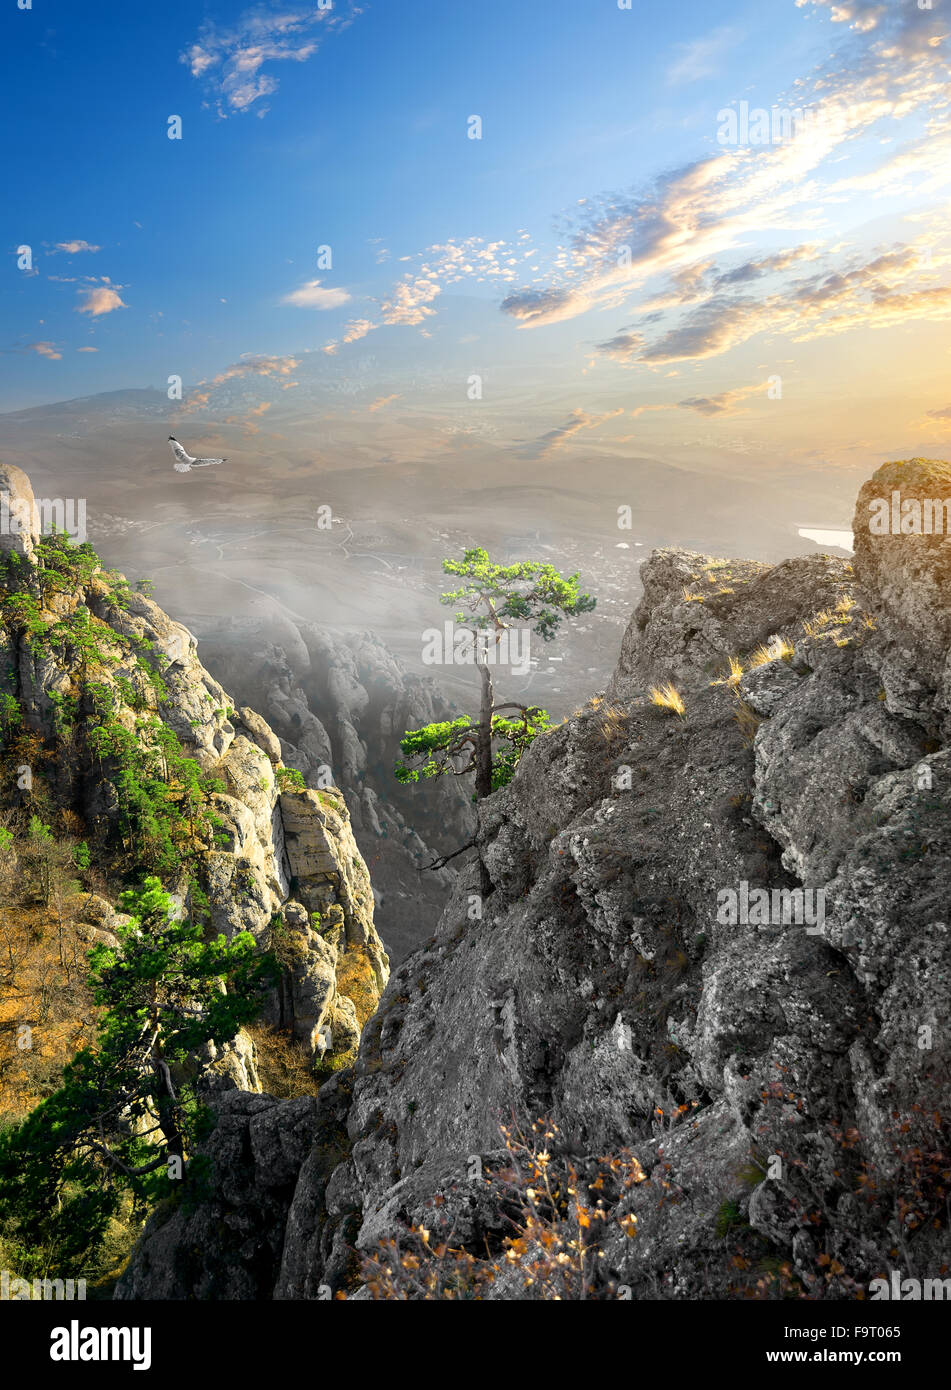 Plus d'oiseaux dans le brouillard montagne canyon au lever du soleil Photo Stock